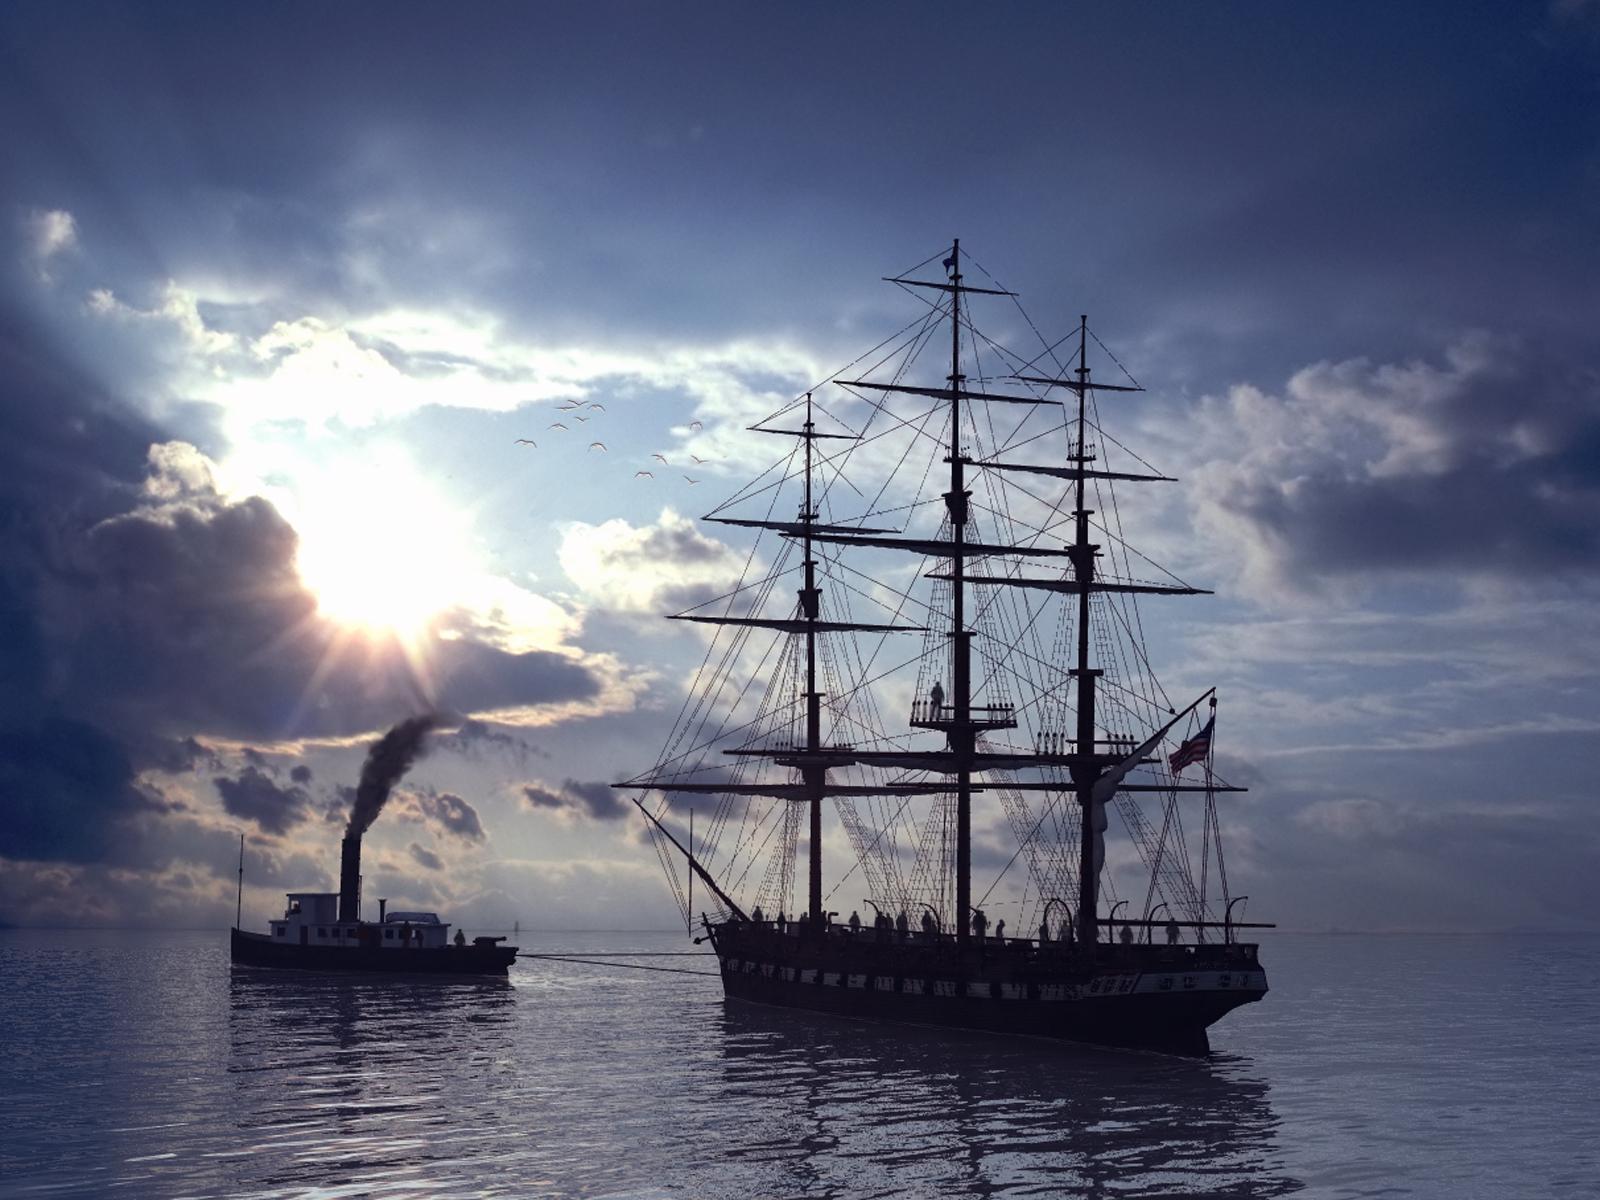 wa11papers-ru_ships_1600x1200_020